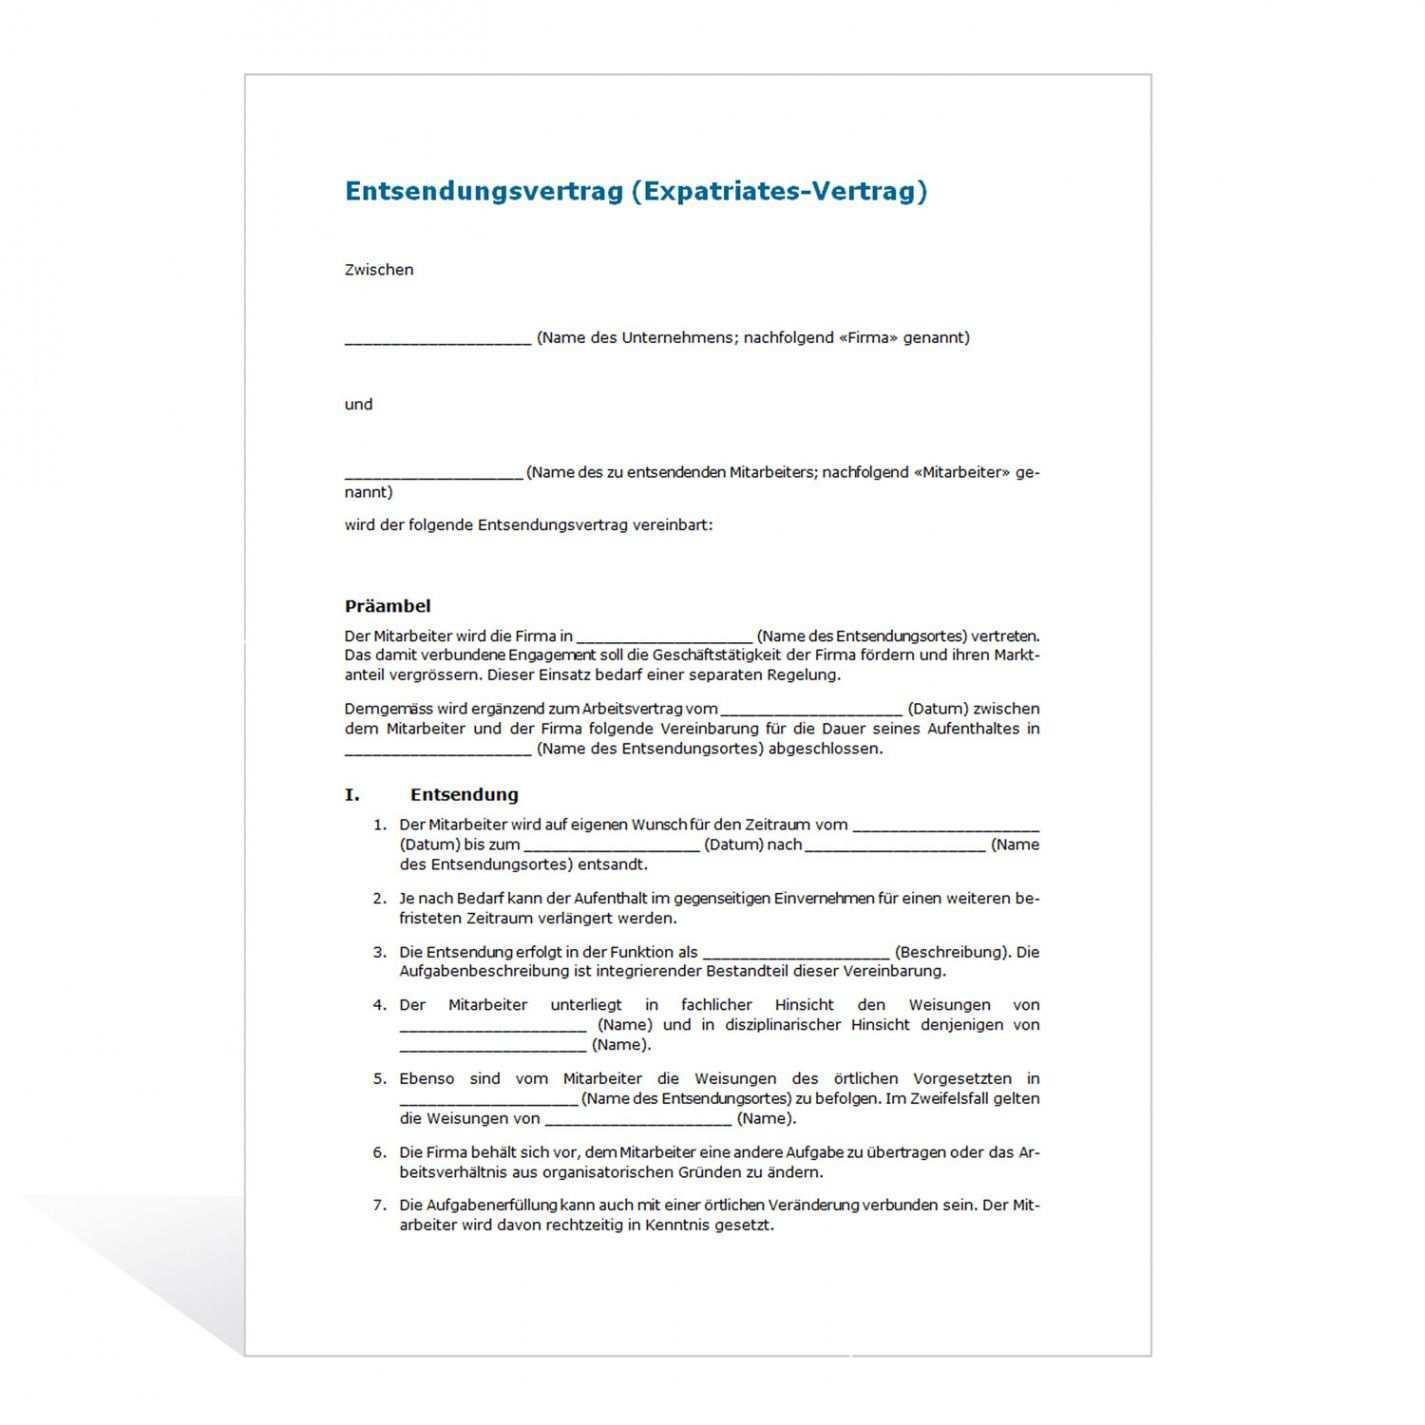 Blattern Unsere Das Image Von Vorlage Vereinbarung Unbezahlter Urlaub Vertrag Kundigen Vertrag Vorlagen